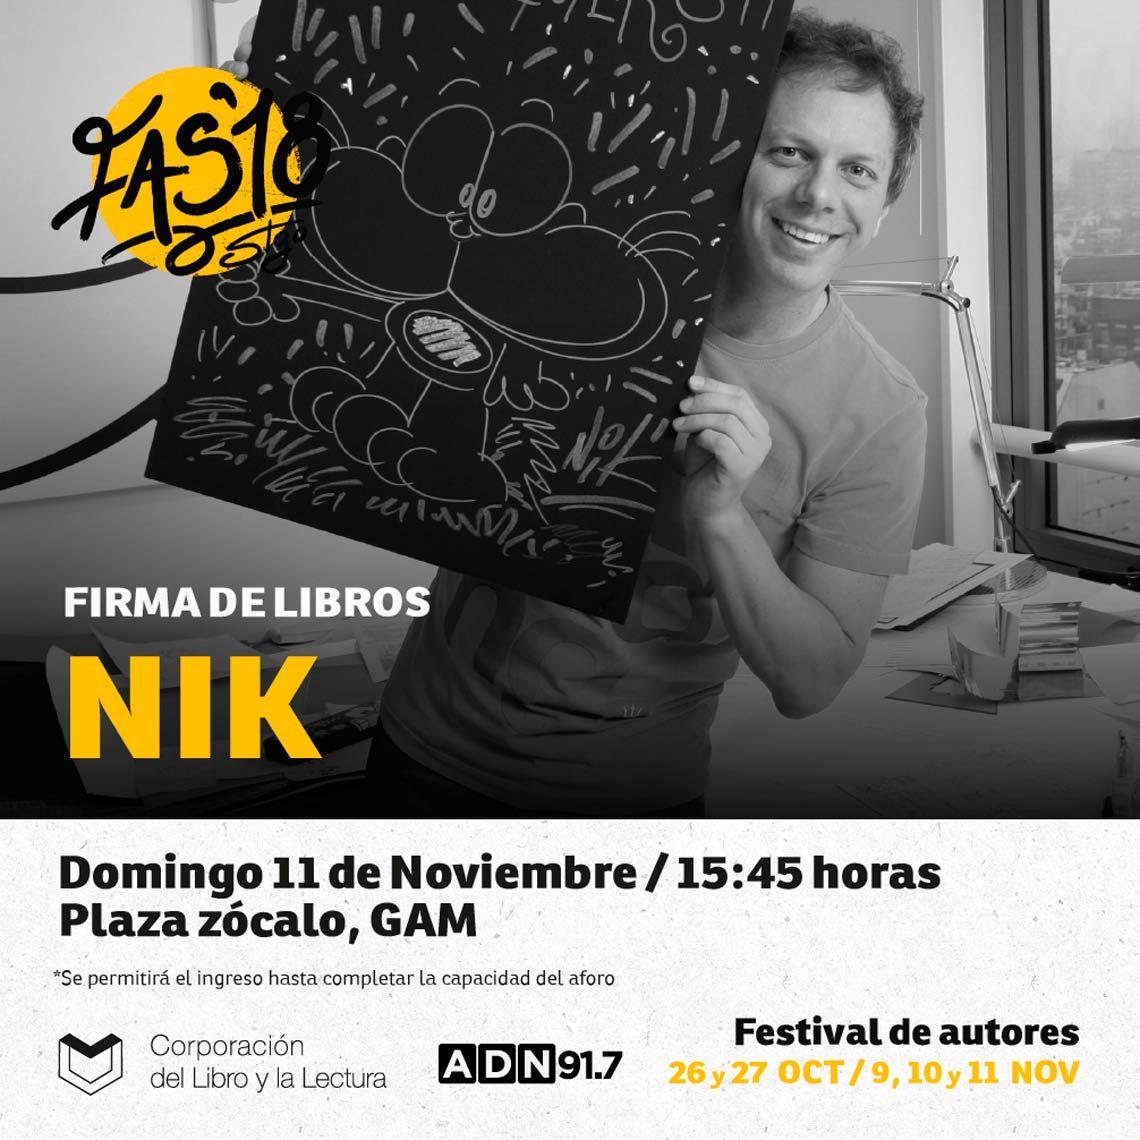 Autores chilenos repudian la visita del dibujante argentino Nik, a quien acusan de plagio